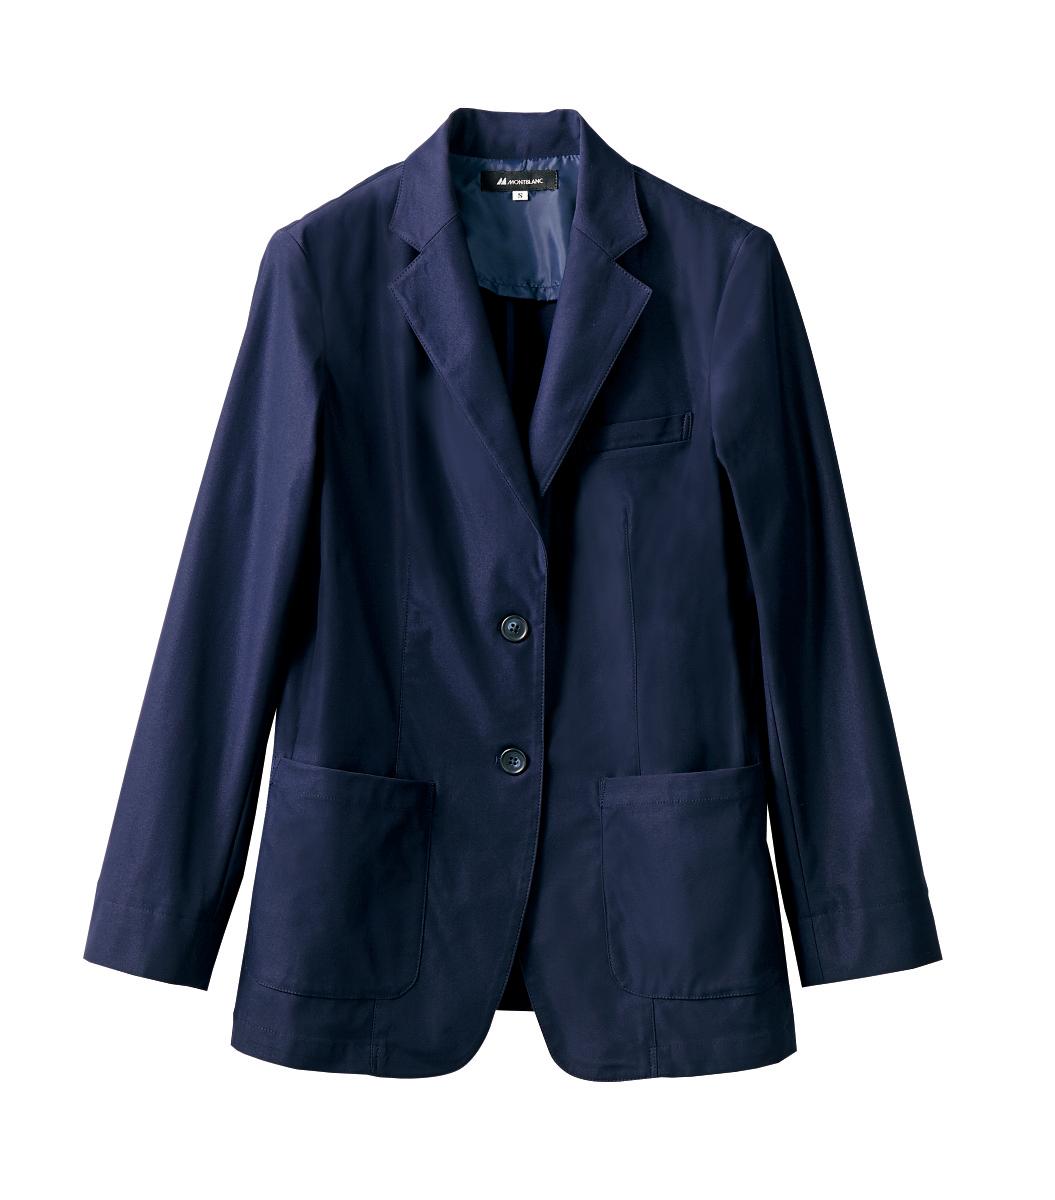 【モンブラン】31-0009【介護 上衣 ジャケット(レディース) 女性用】